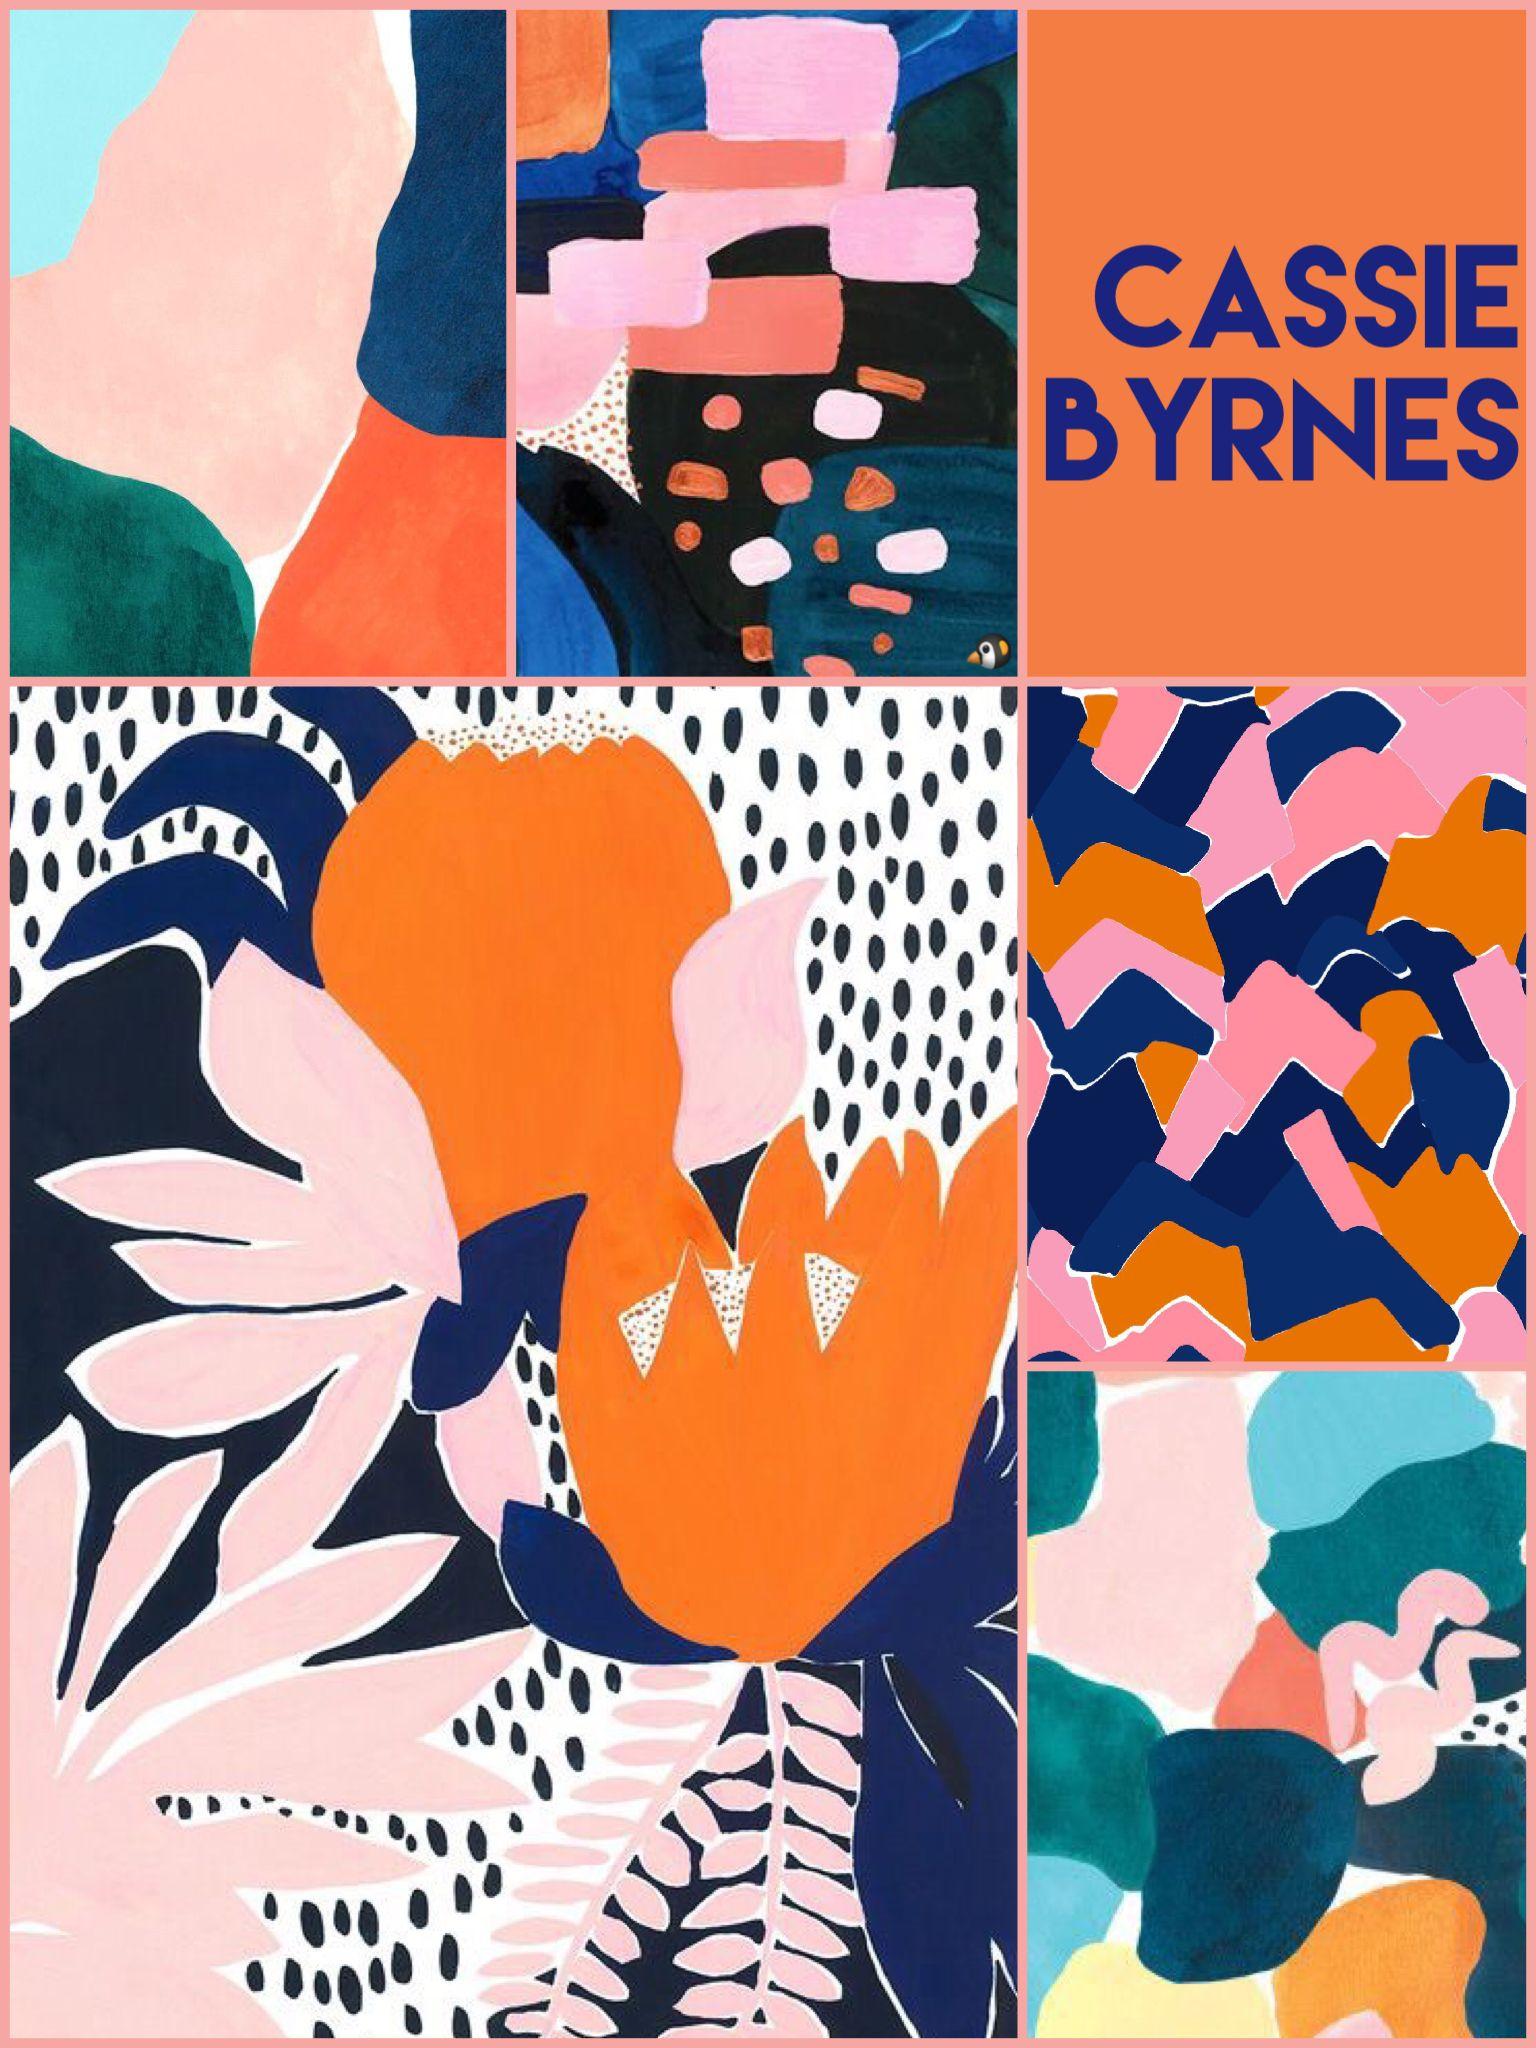 cassie byrnes australian painter illustrator artist in 2018